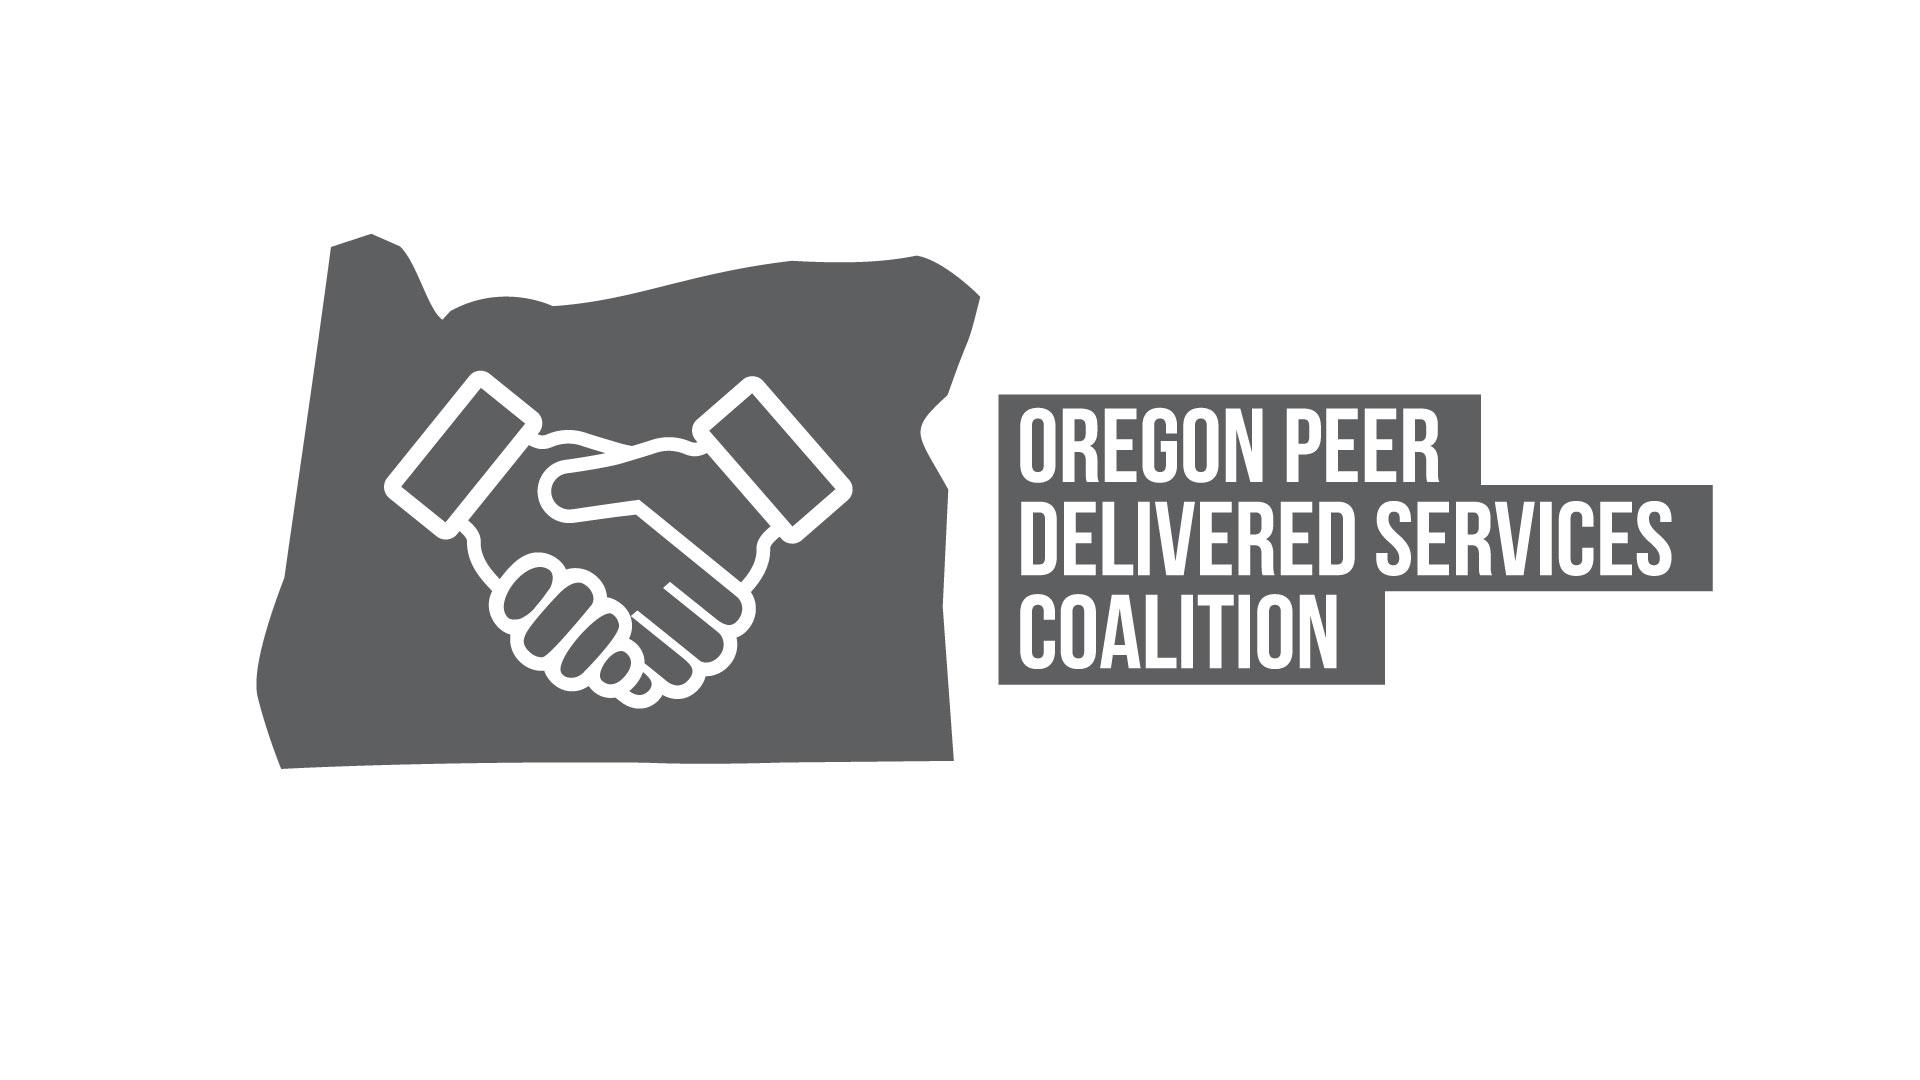 Oregon Peer Delivered Services Coalition logo